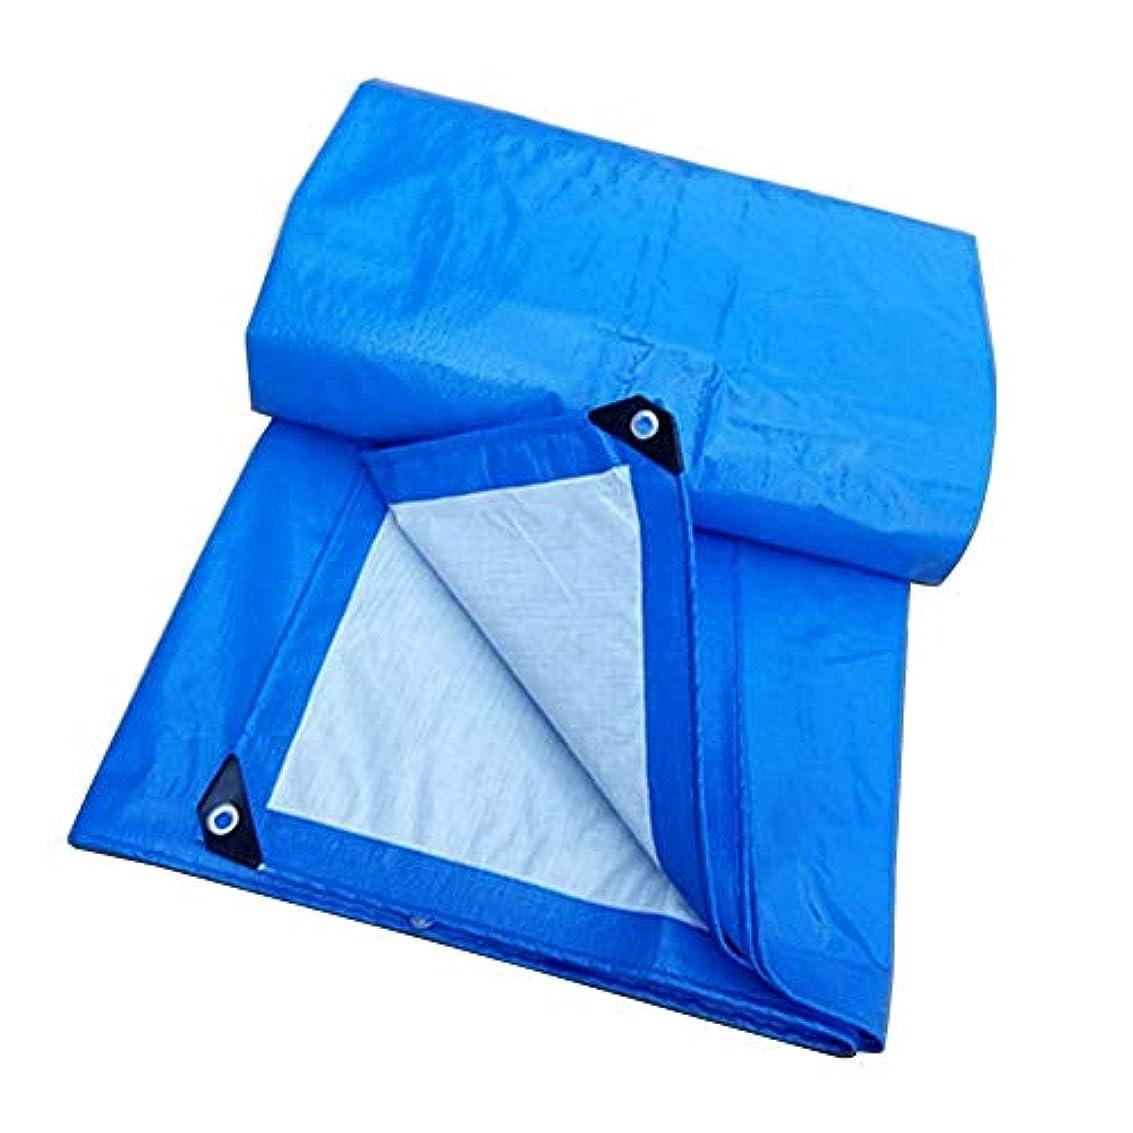 二追跡マート防水シート防水頑丈なPEの防水シート多目的多防水シートカバー地上のテントのトレーラーカバー材料 FENGMIMG (色 : 青, サイズ さいず : 4×10m)